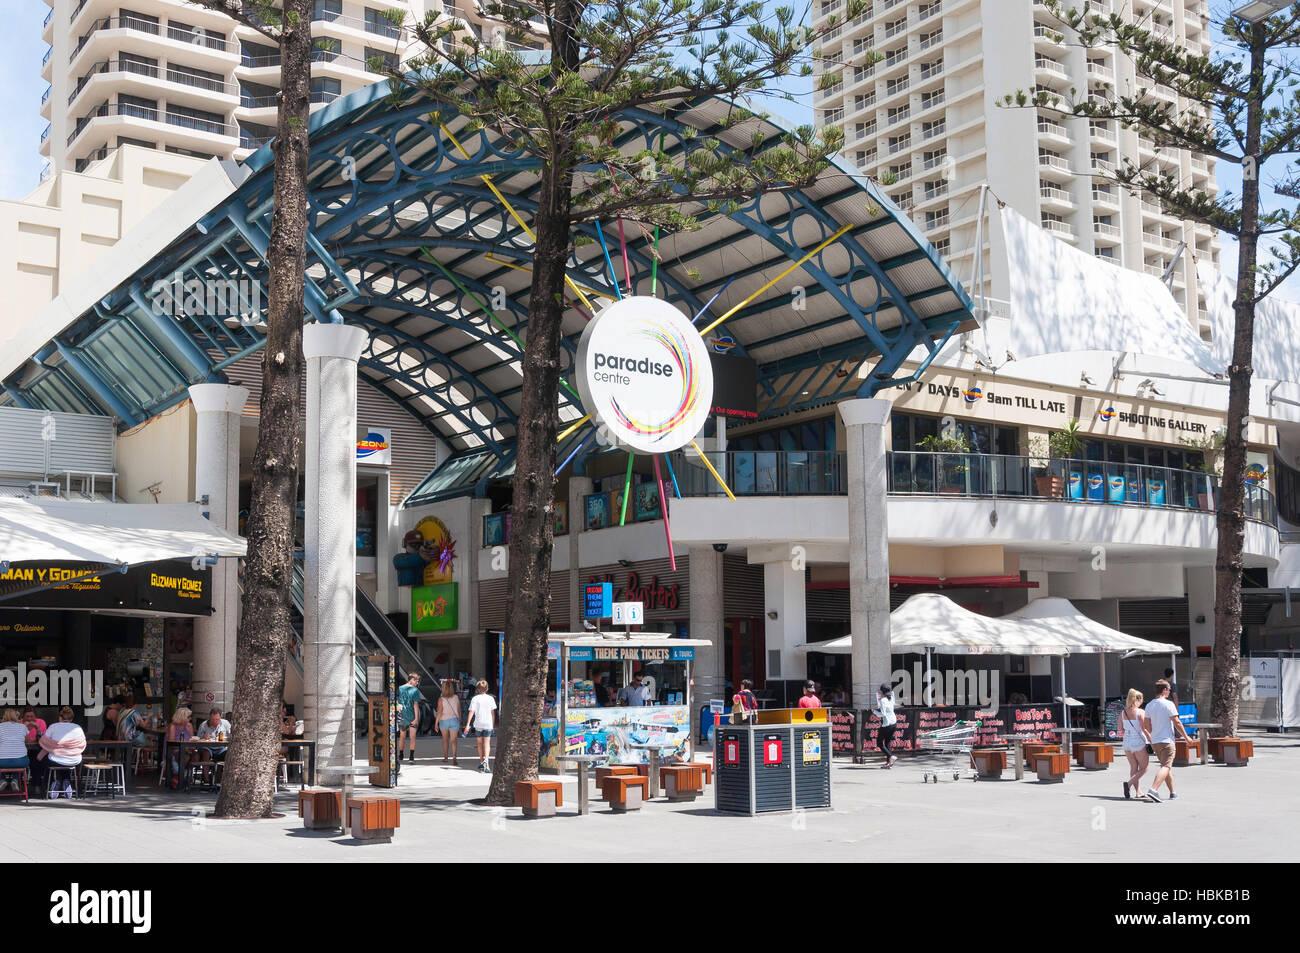 Entrée au paradis de jeux, Cavill (Mall) Avenue, Surfers Paradise, ville de Gold Coast, Queensland, Australie Photo Stock